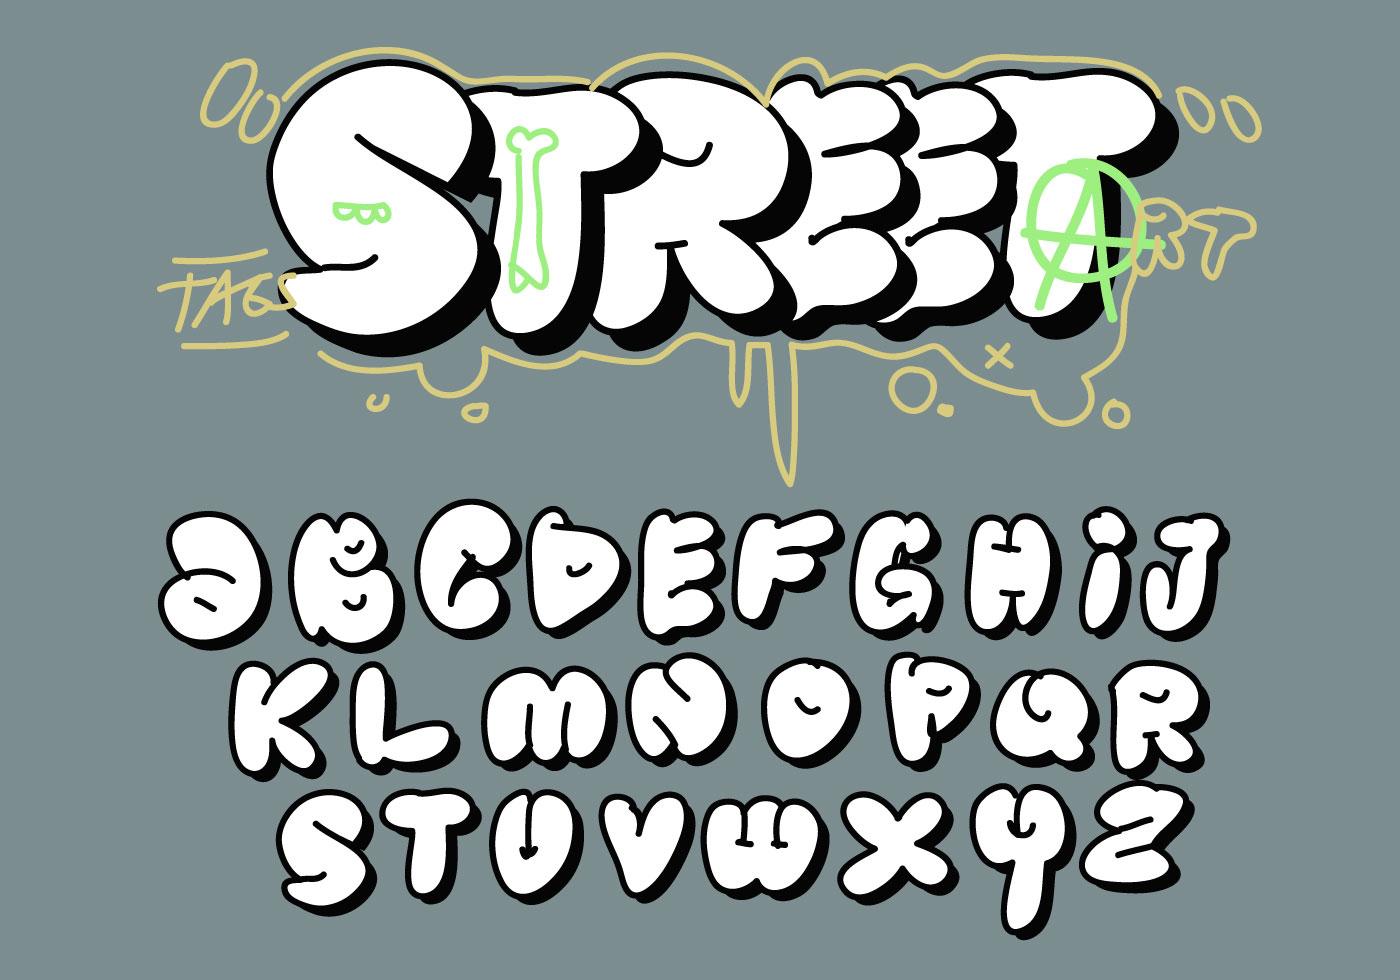 Grosse grosse bulle lettre tag graffiti alphabet vector t l chargez de l 39 art des graphiques - Lettre graffiti alphabet ...